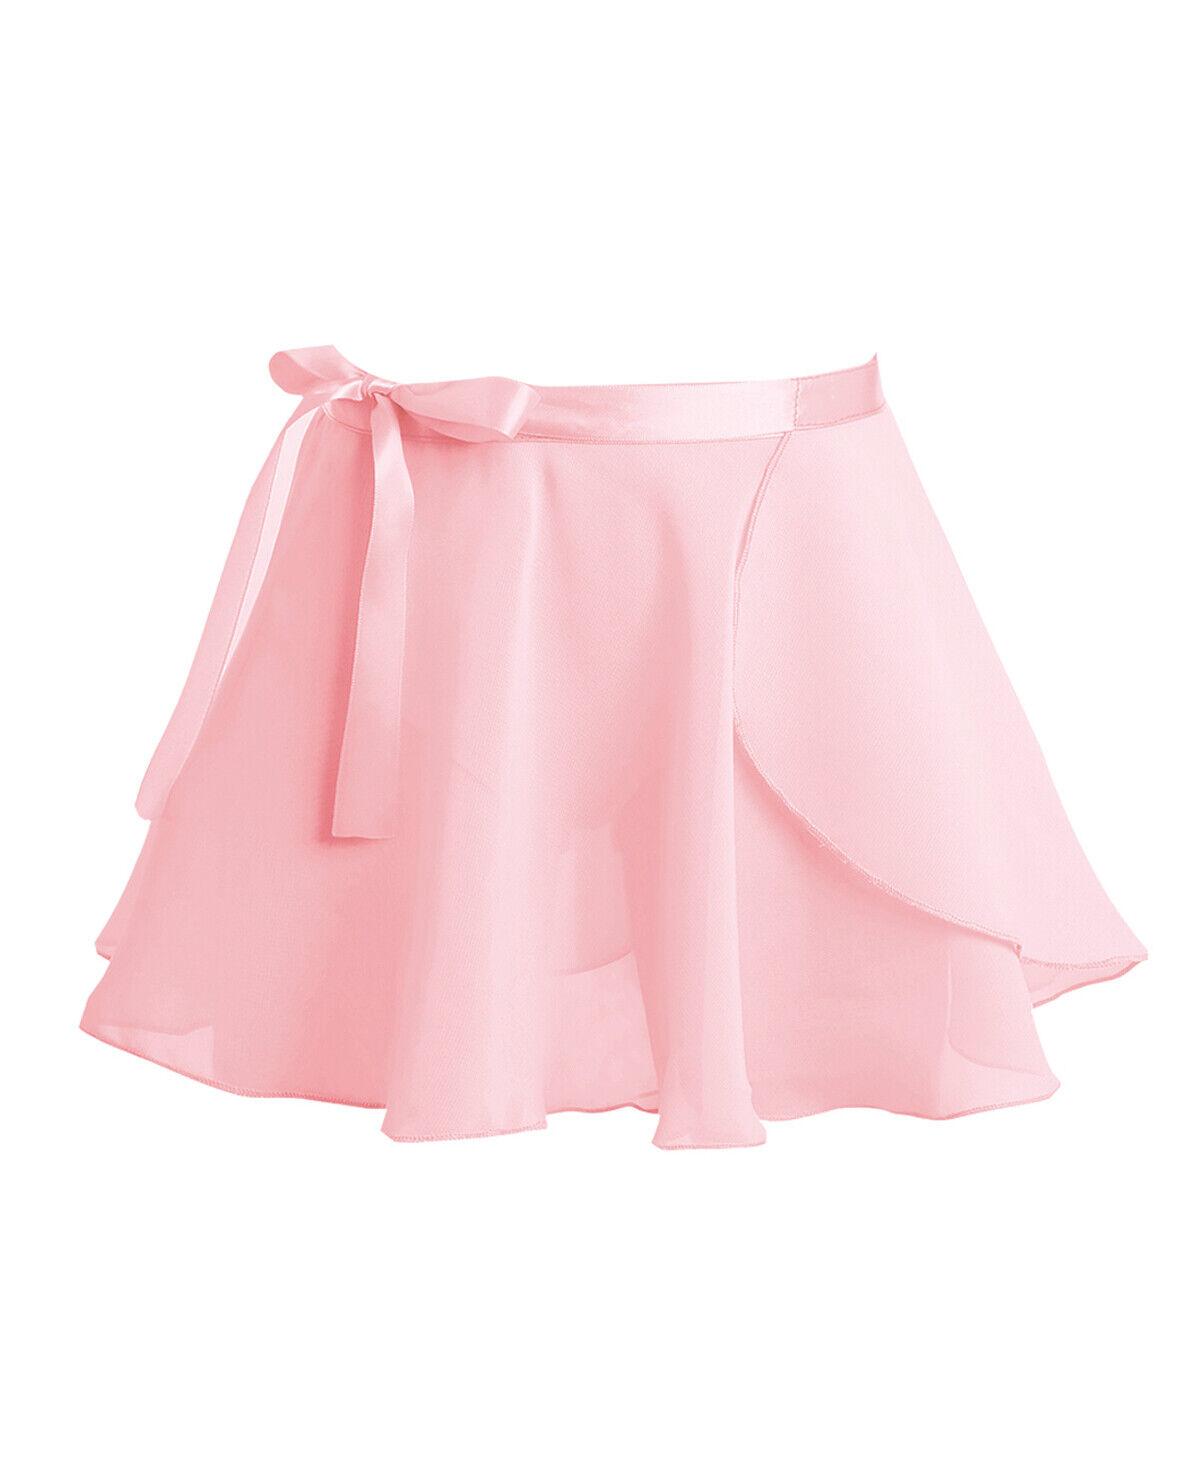 Kids Girls 2PCS Ballet Dance Outfits Tutu Dress Gymnastics Ballerina Leotard